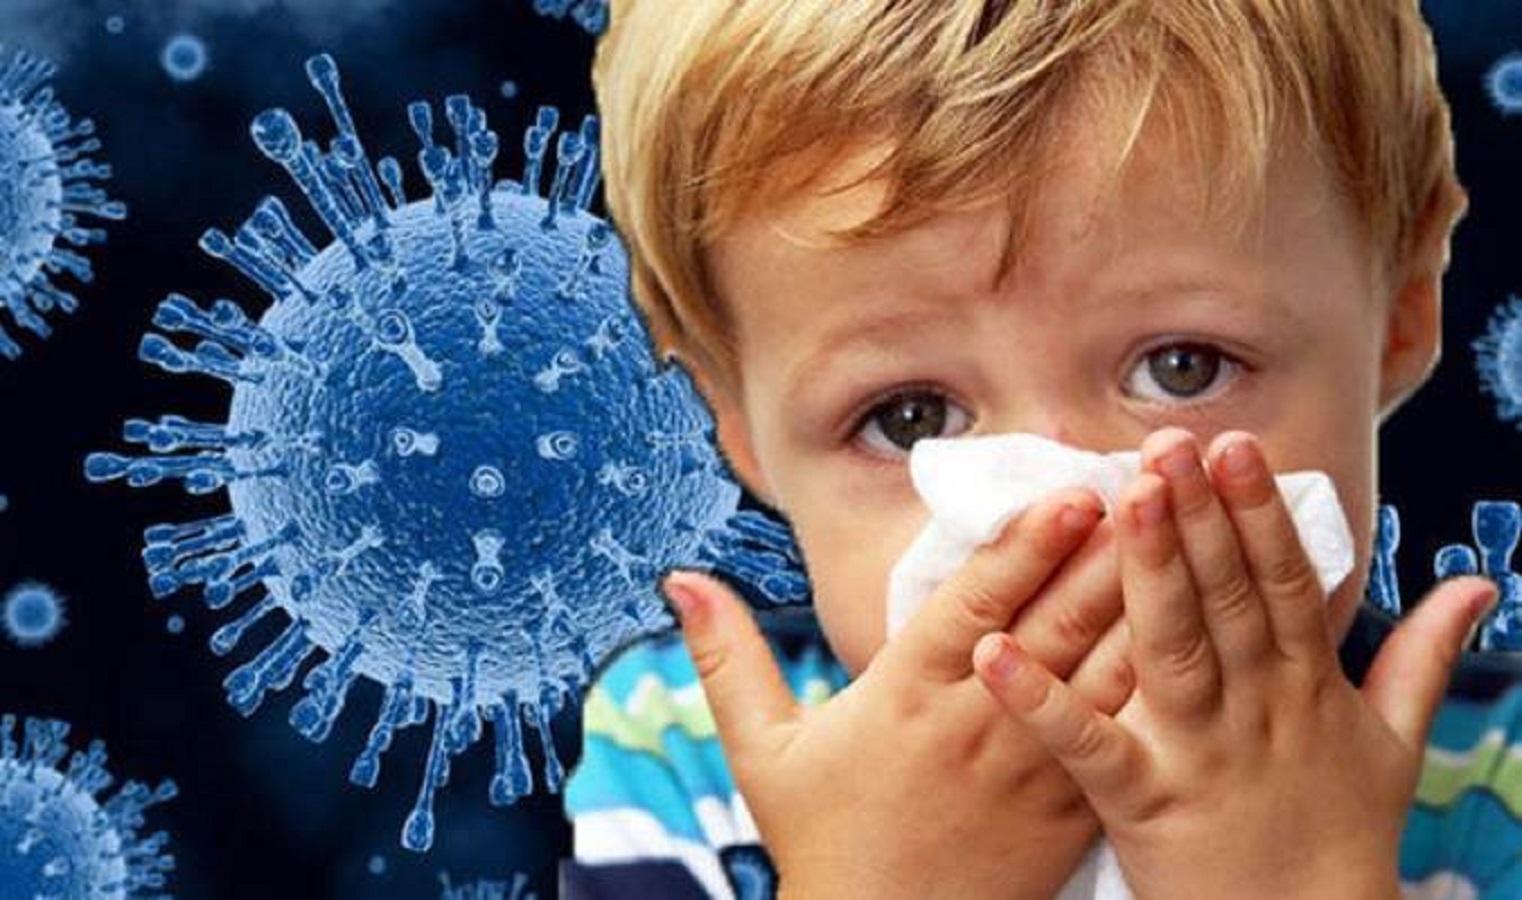 افزایش خطر ابتلا به کرونا ویروس در کودکان دارای بیماری های زمینه ای